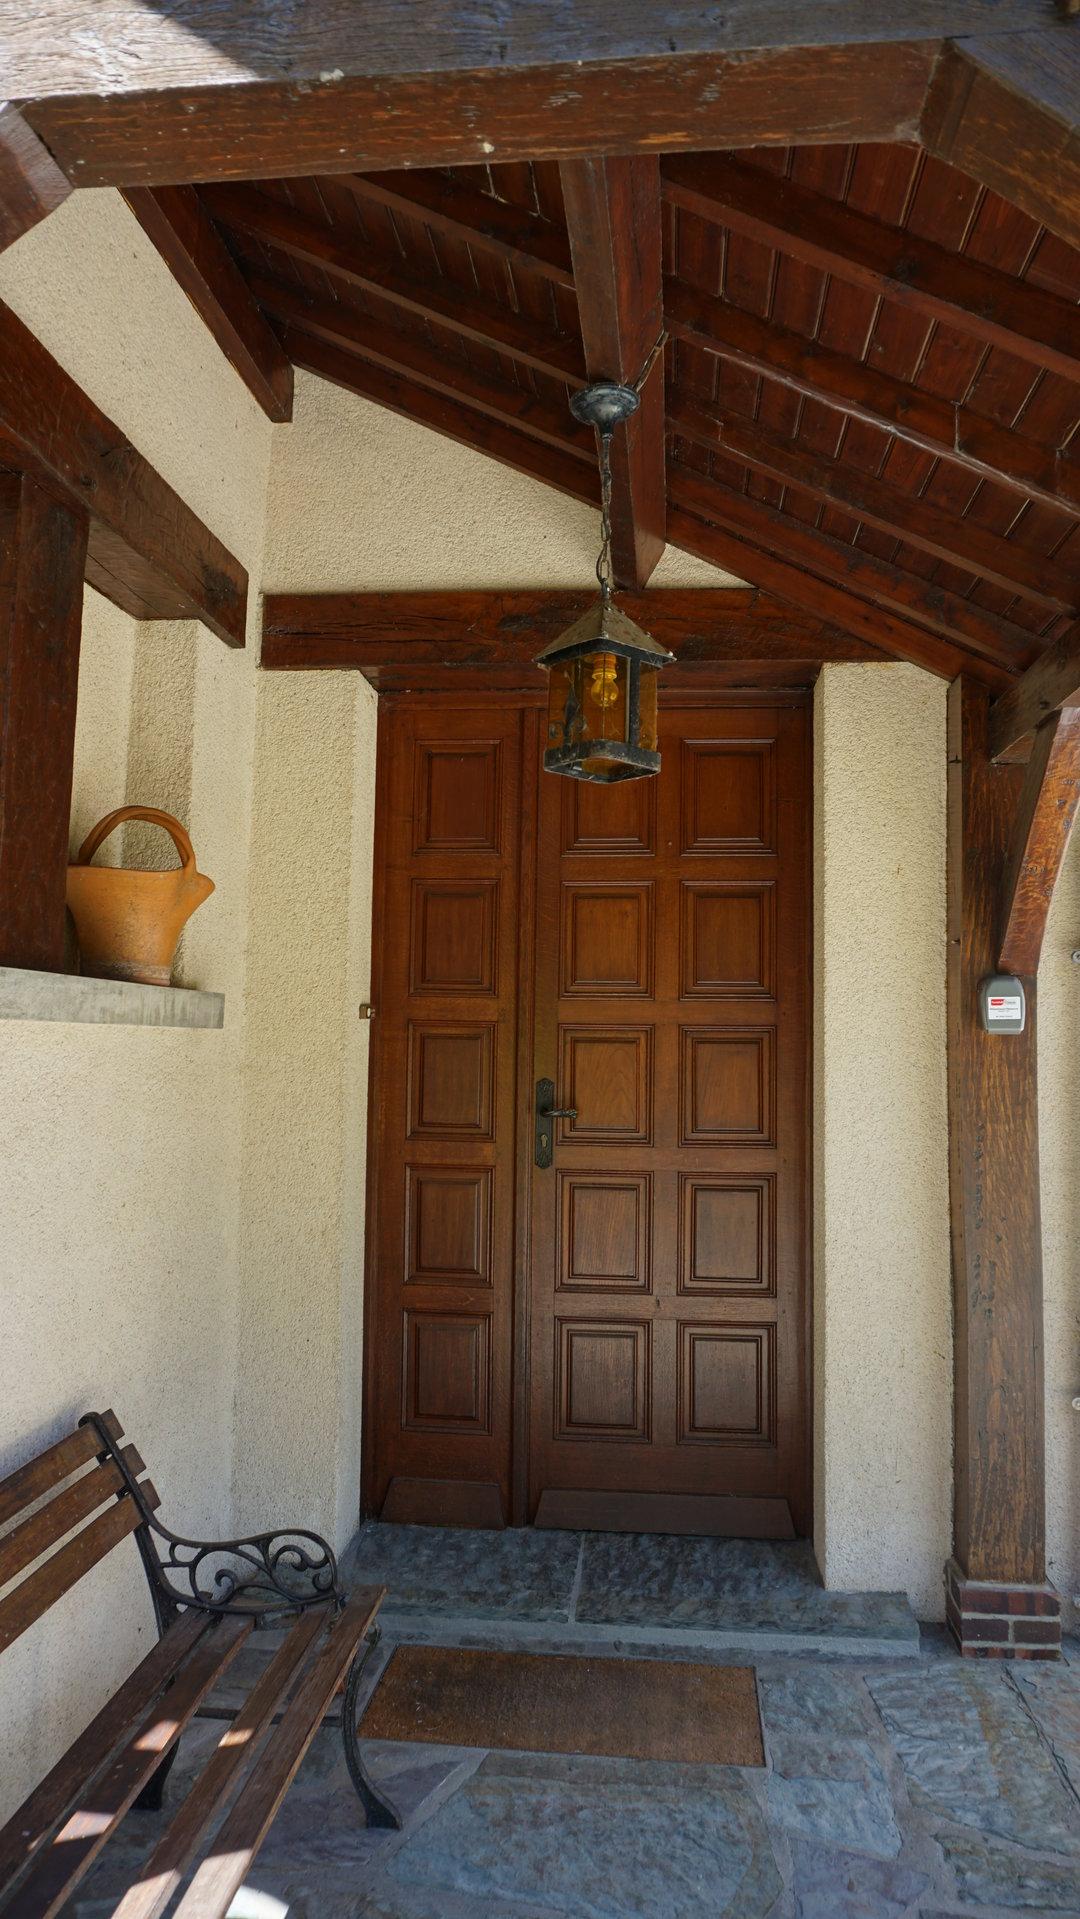 PAYS D'AUGE-CALVADOS Une maison de ville avec un jardin de 29a83ca.